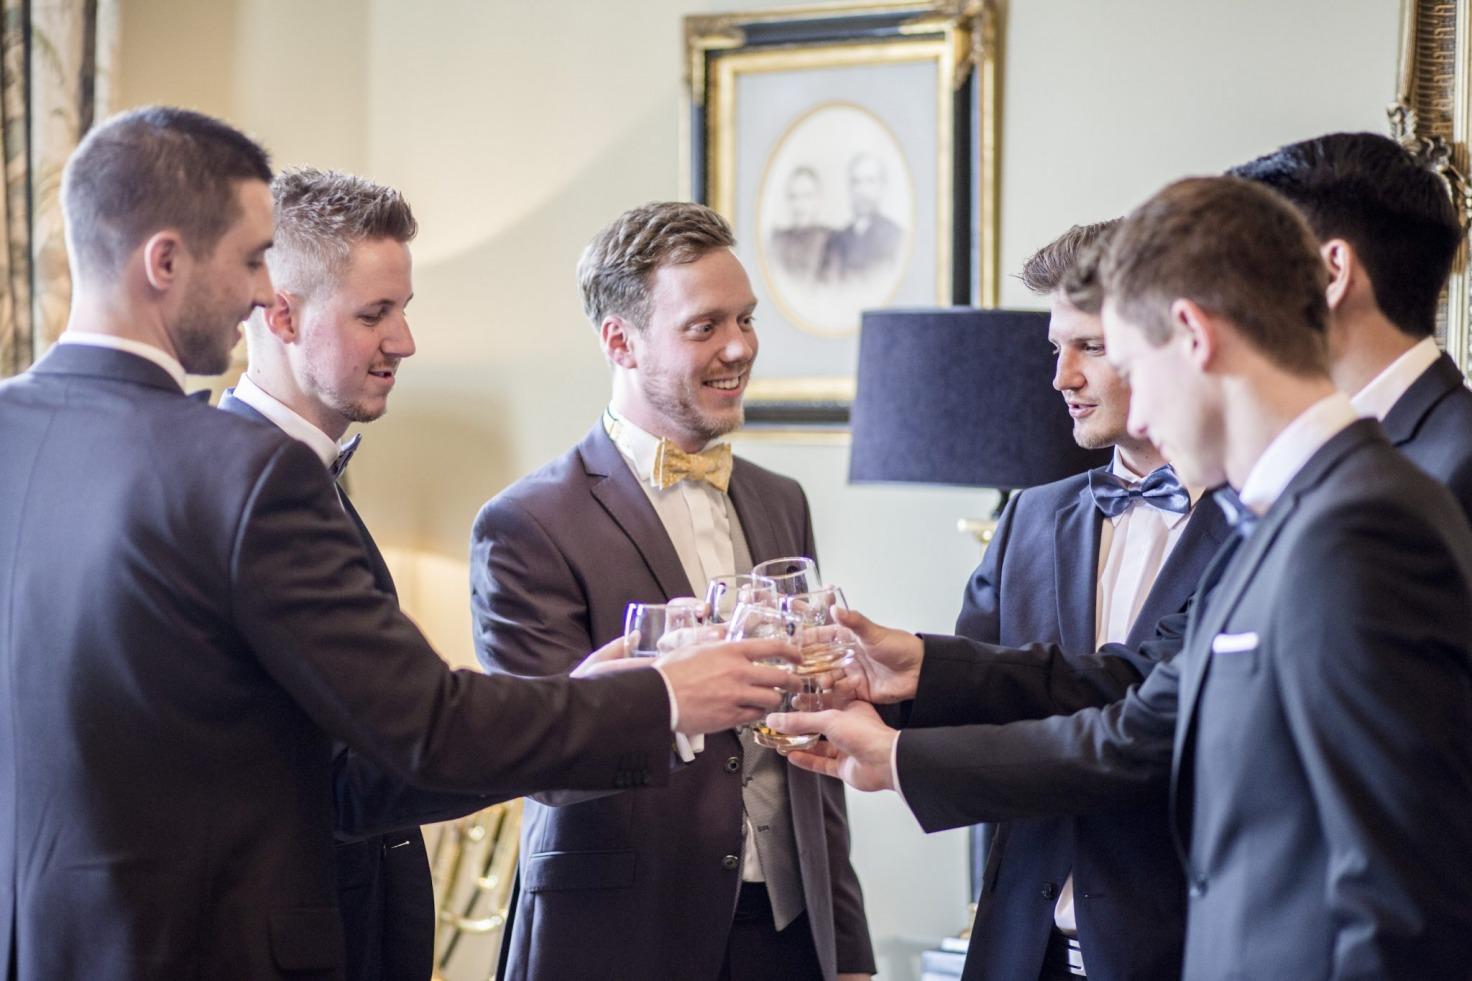 Hochzeit von Jannine und Christian in Münster: Männer die mit einem Getränk anstoßen